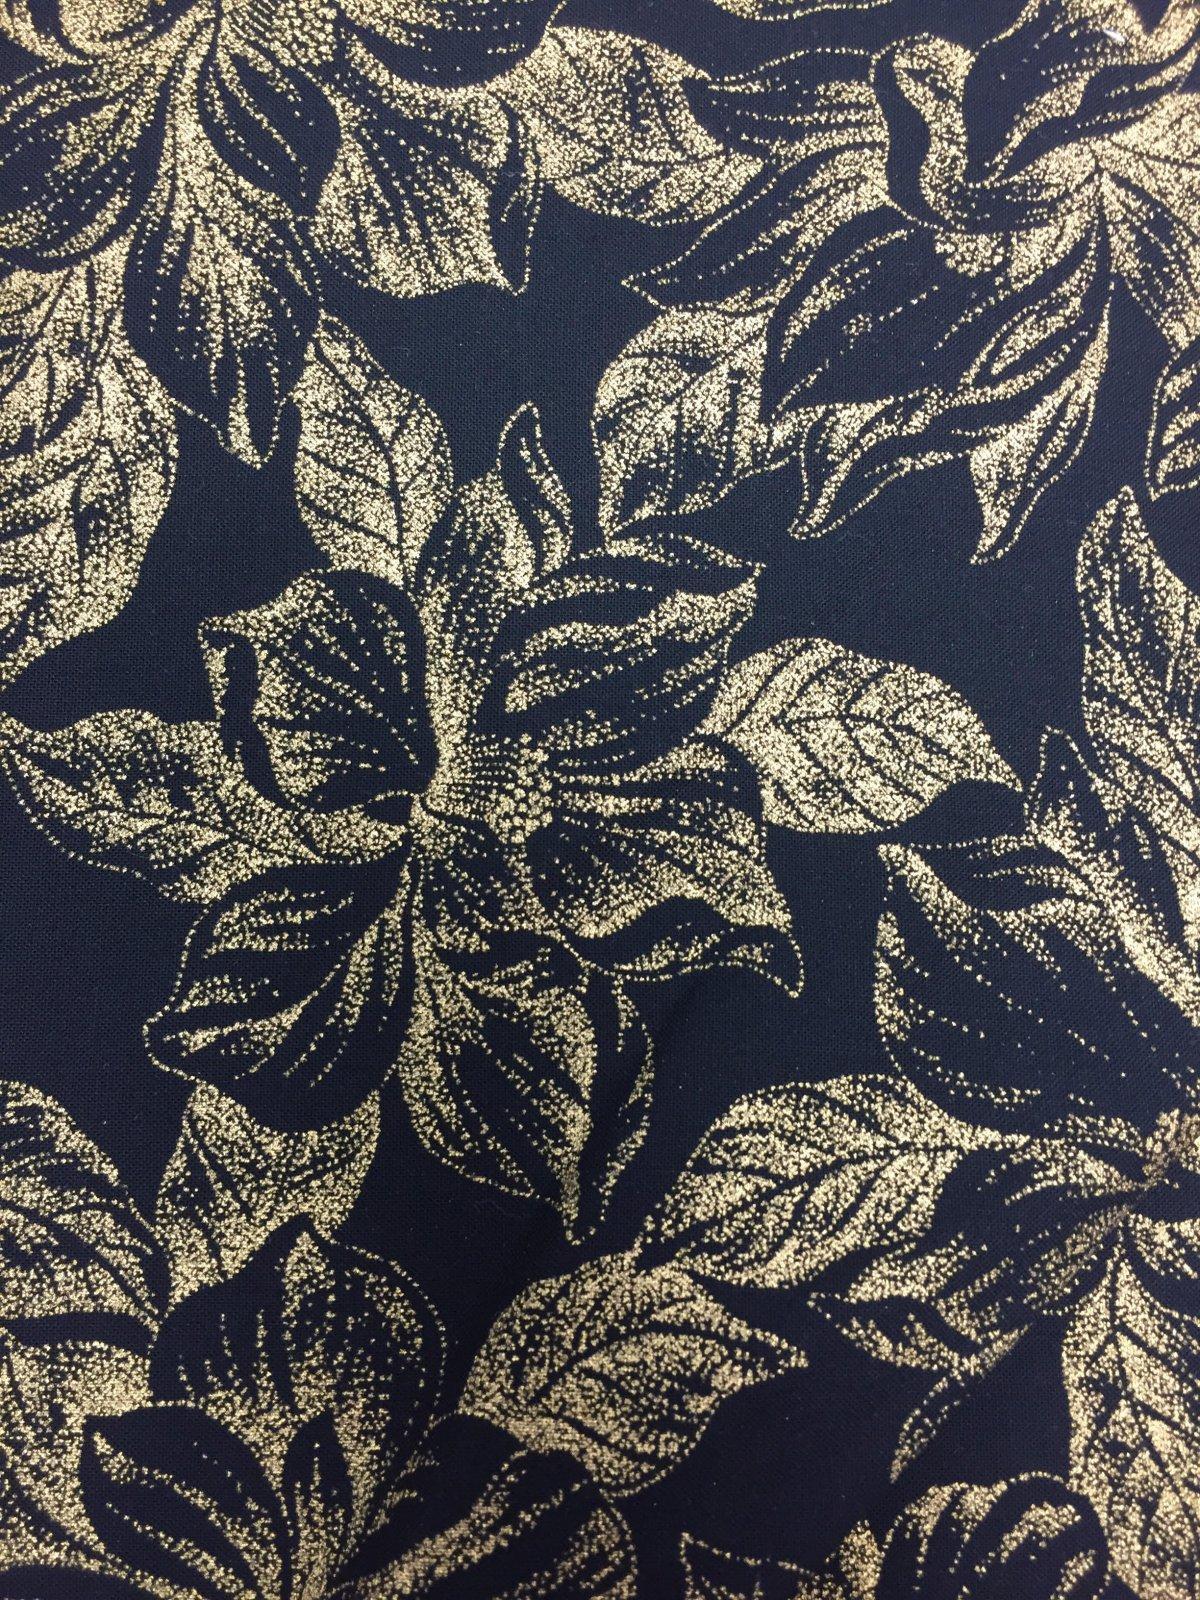 Moda Magnolia Metallics 33244 14M